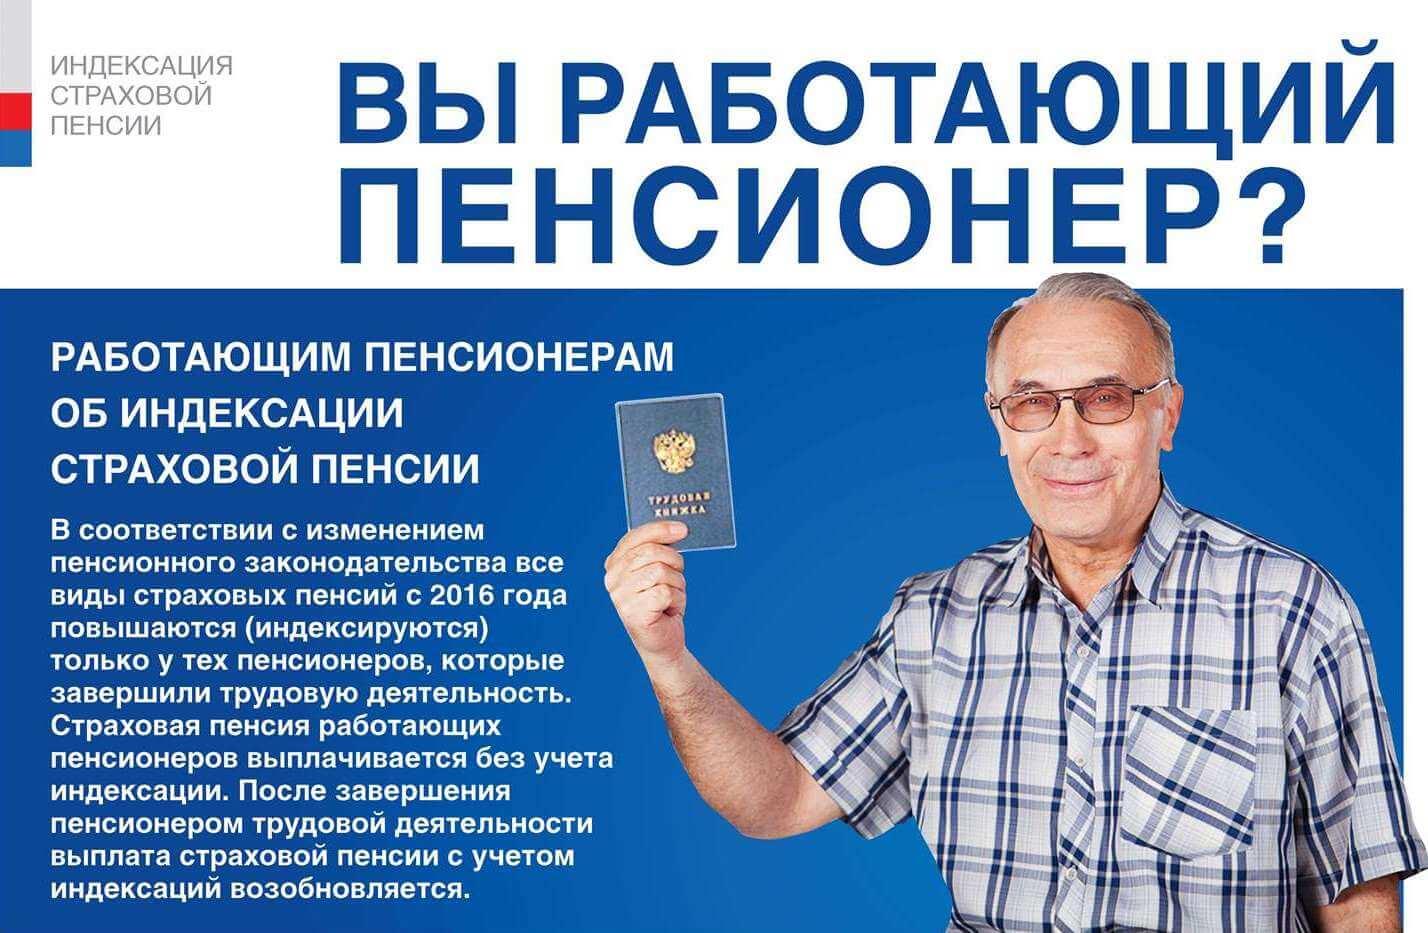 Прибавка к социальной и государственной пенсии